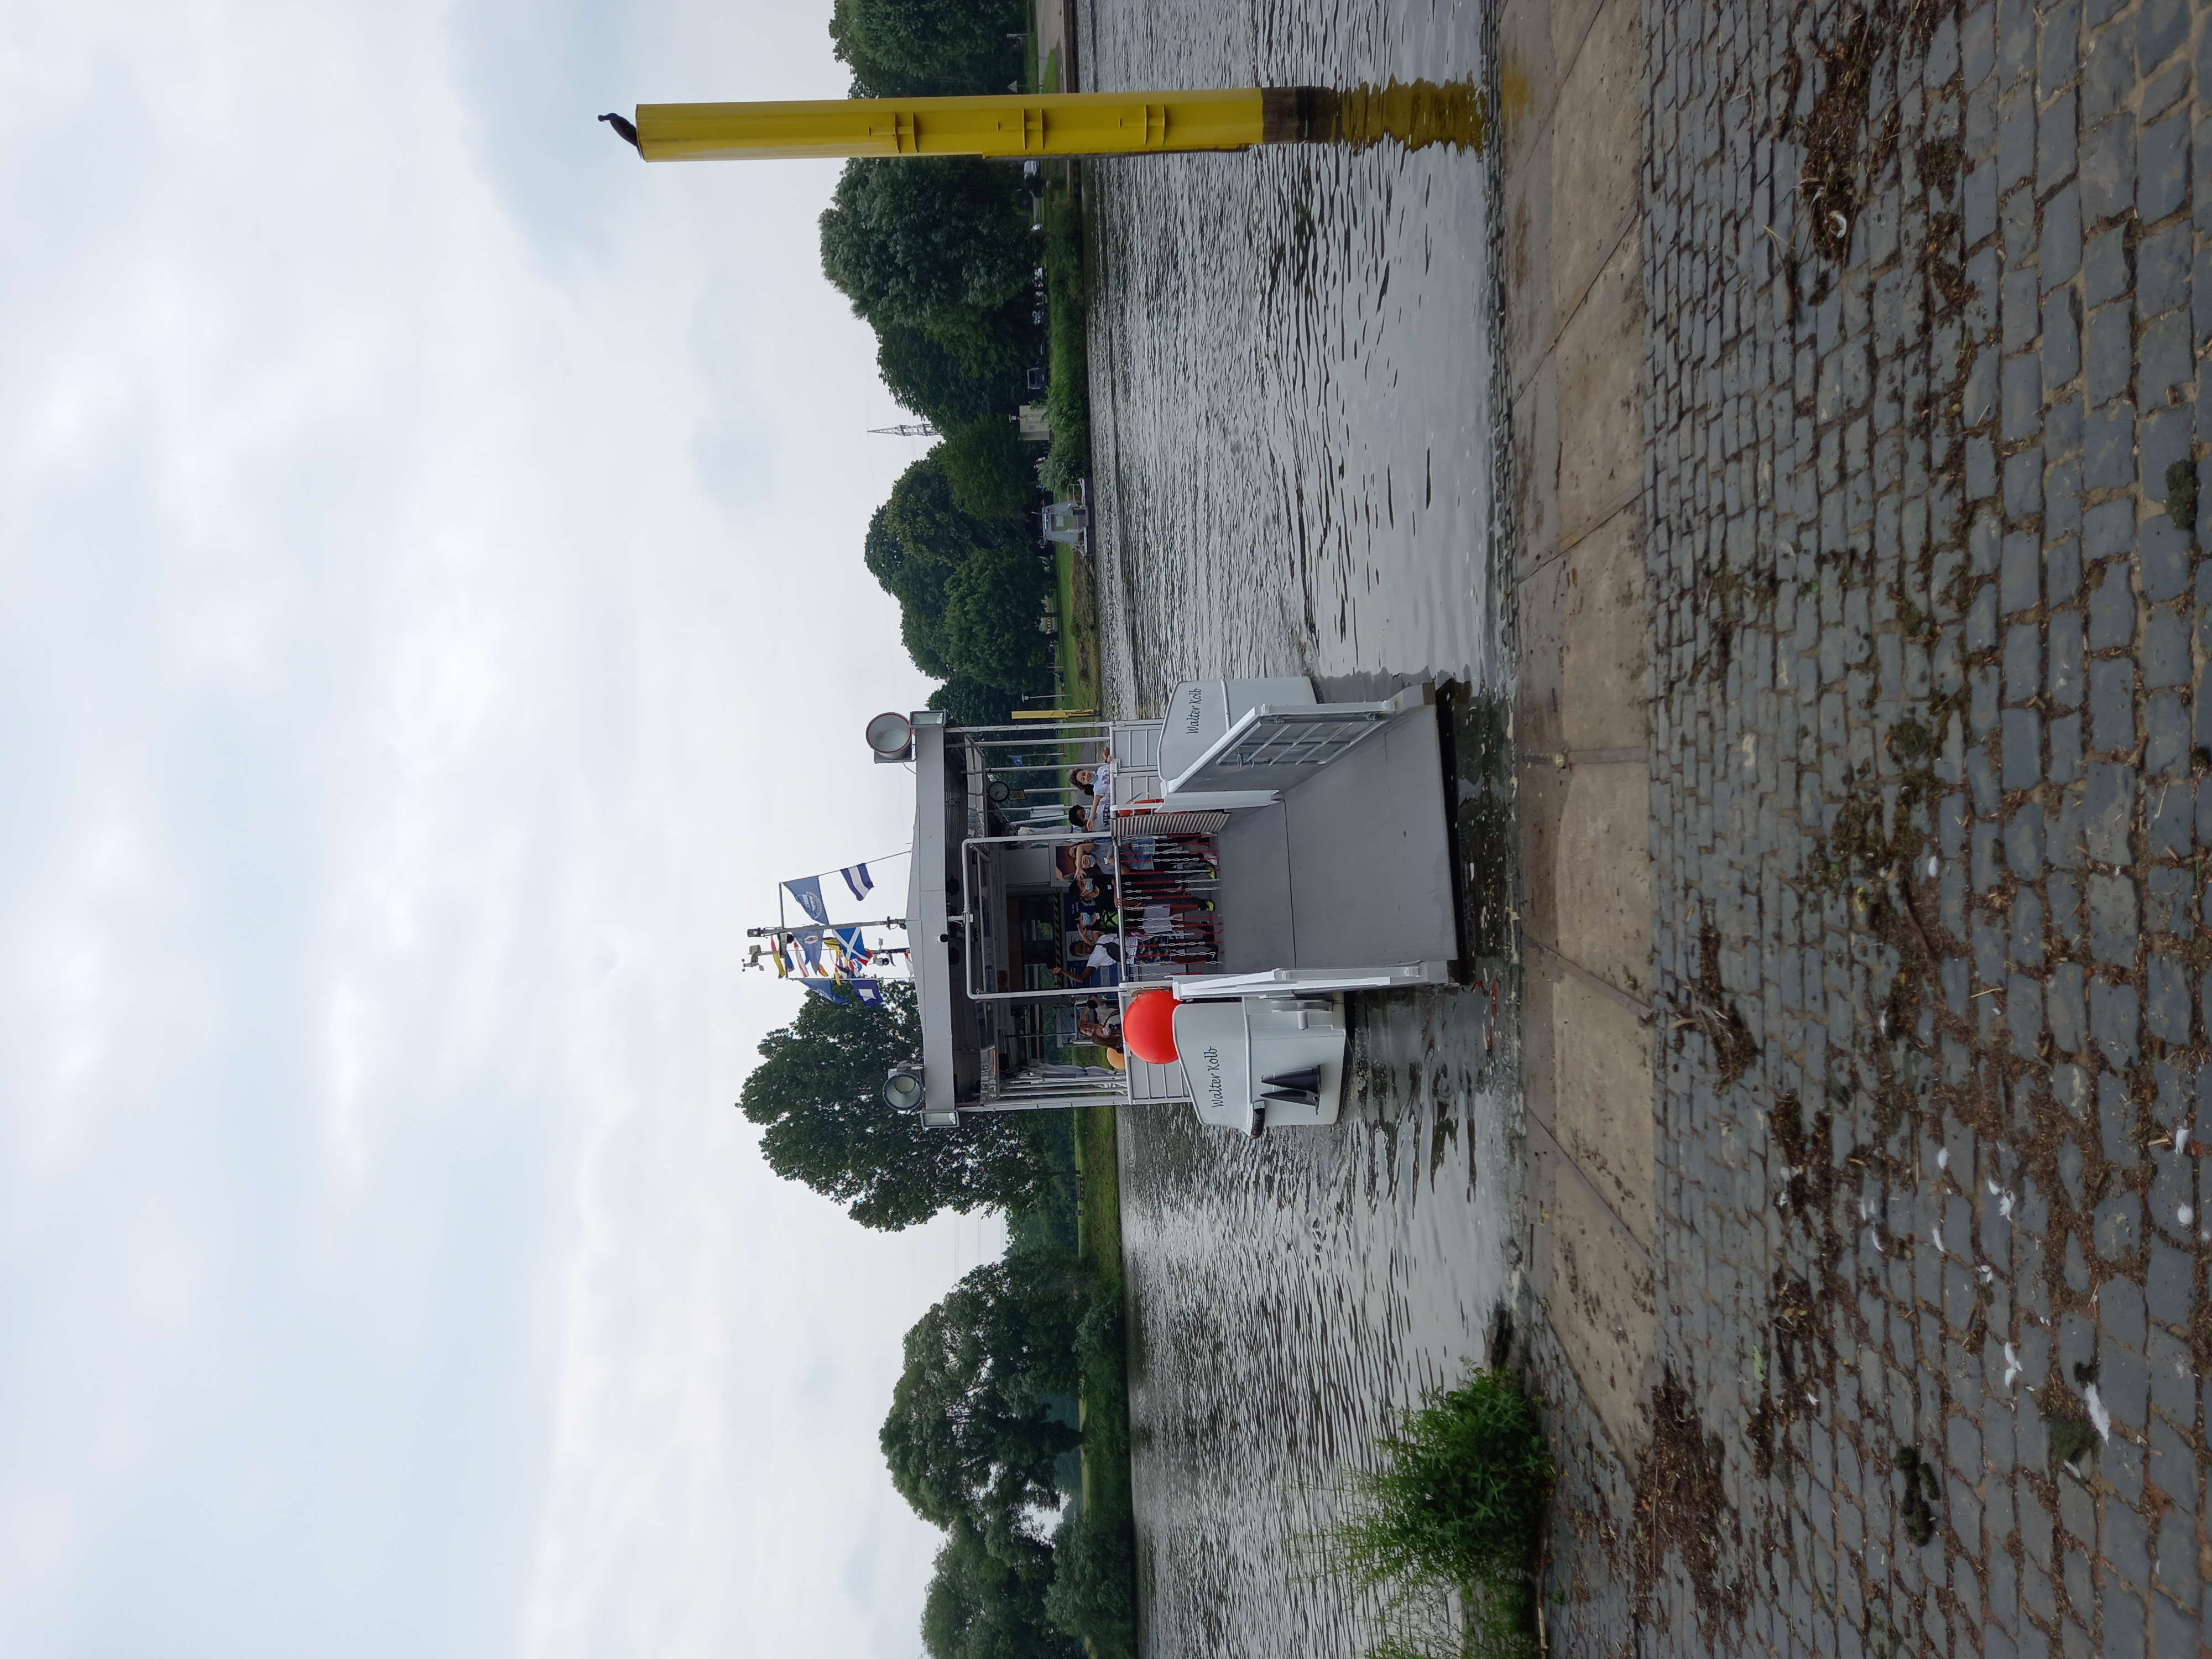 Fähre beim Ablegen am Fluss